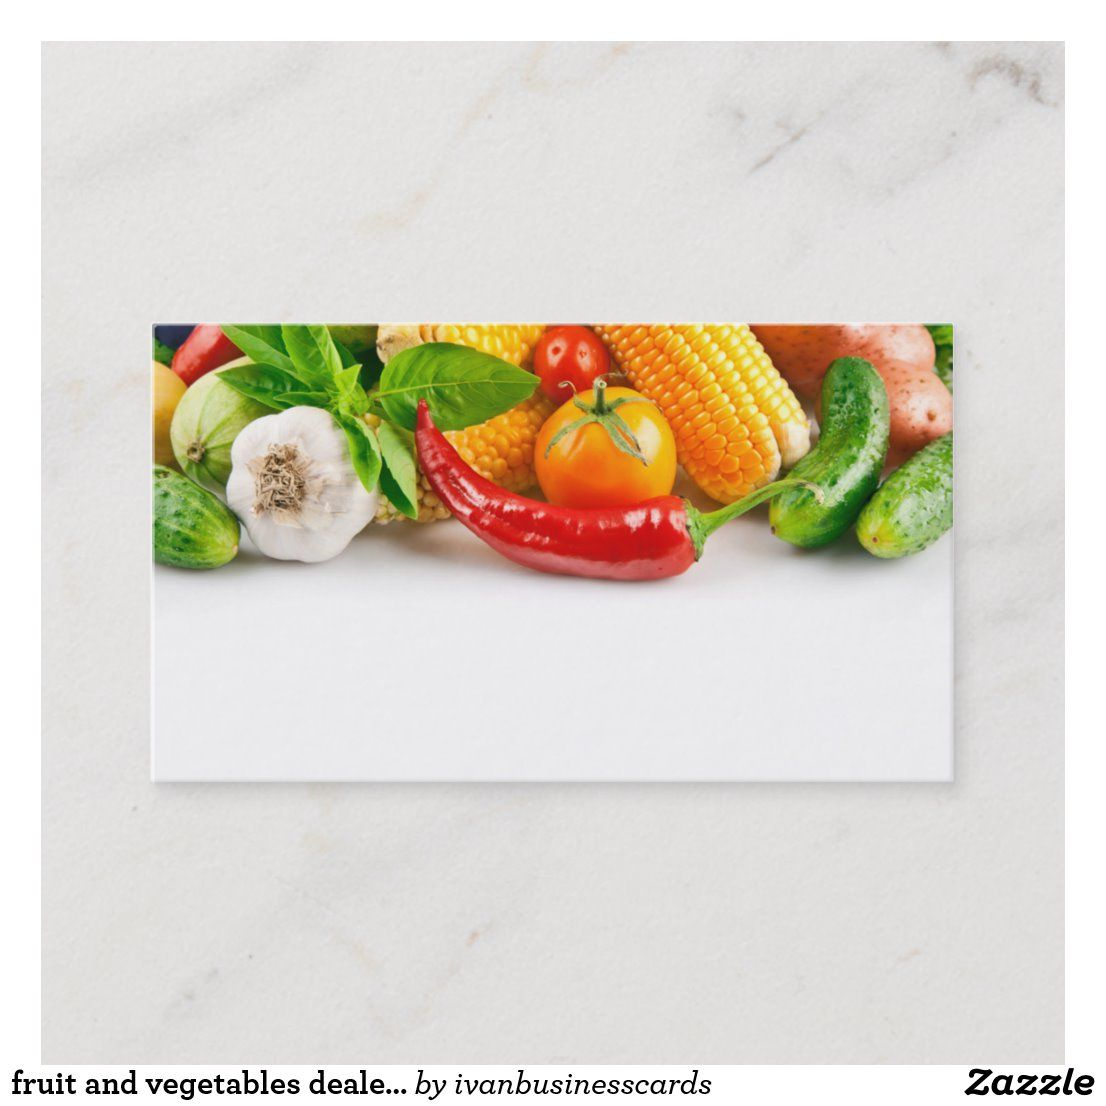 Fruit And Vegetables Dealer Business Card Template Zazzle Com In 2021 Business Card Template Card Template Fruit